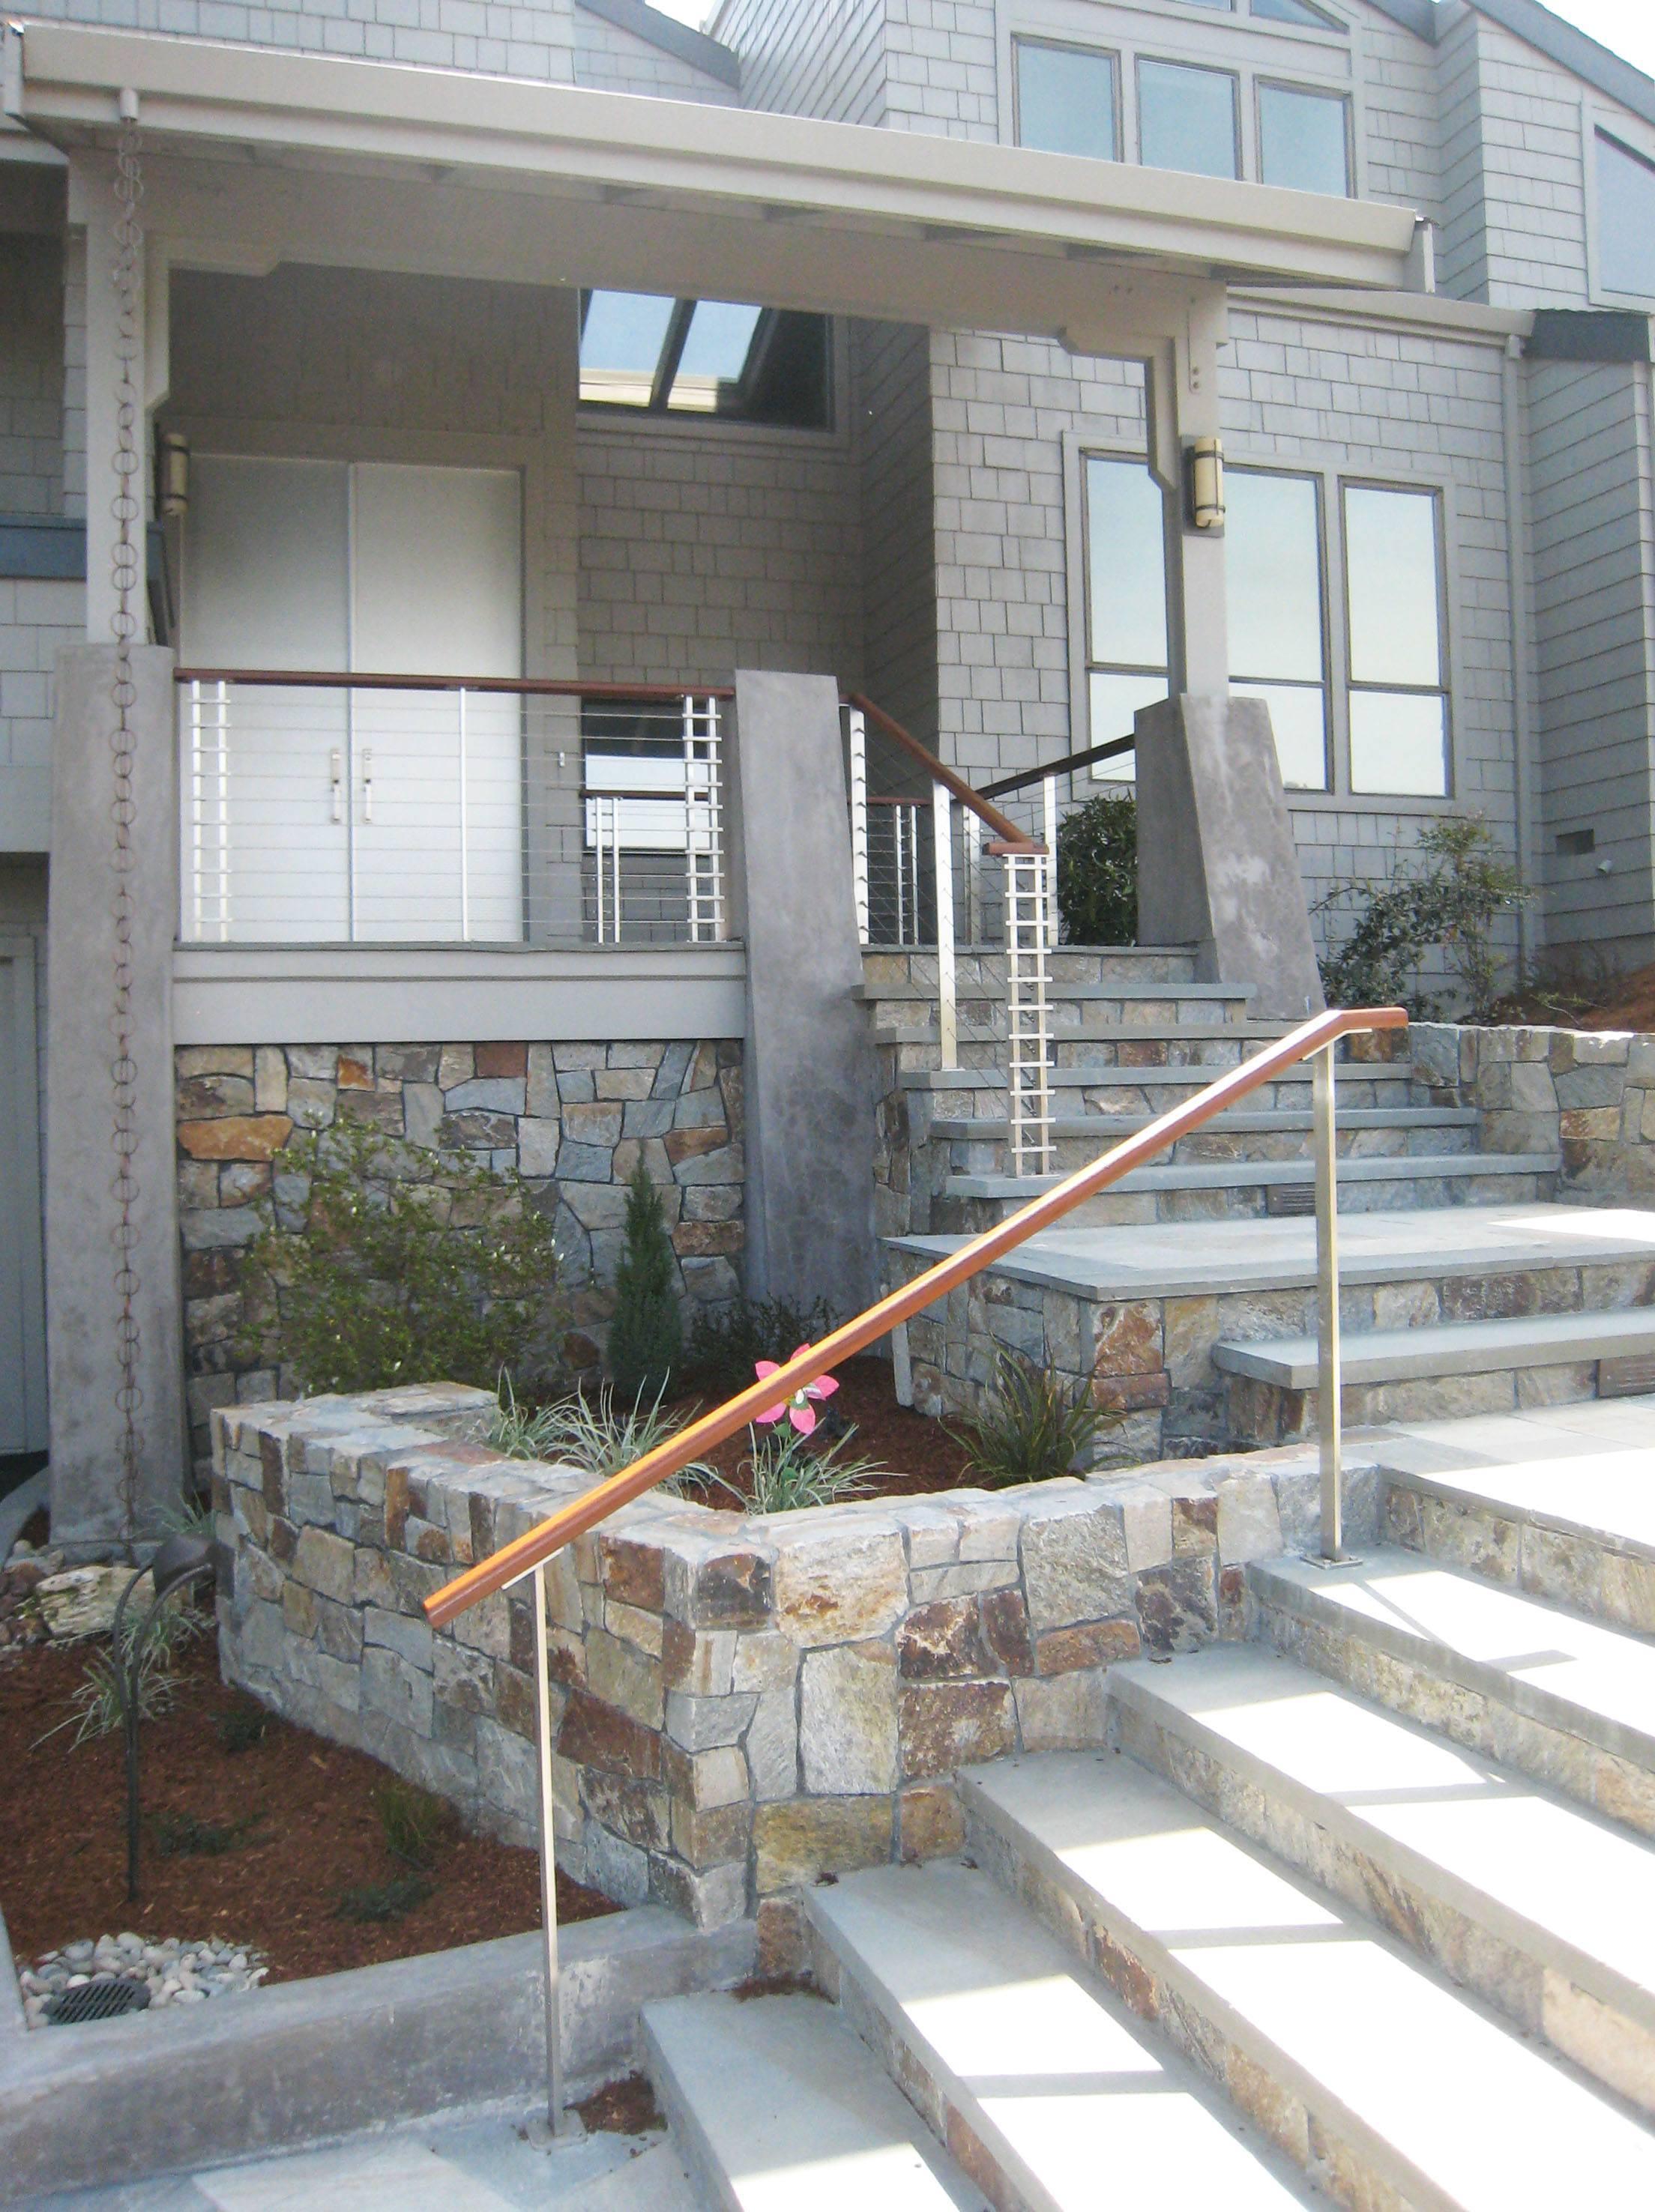 Custom stainless handrail support